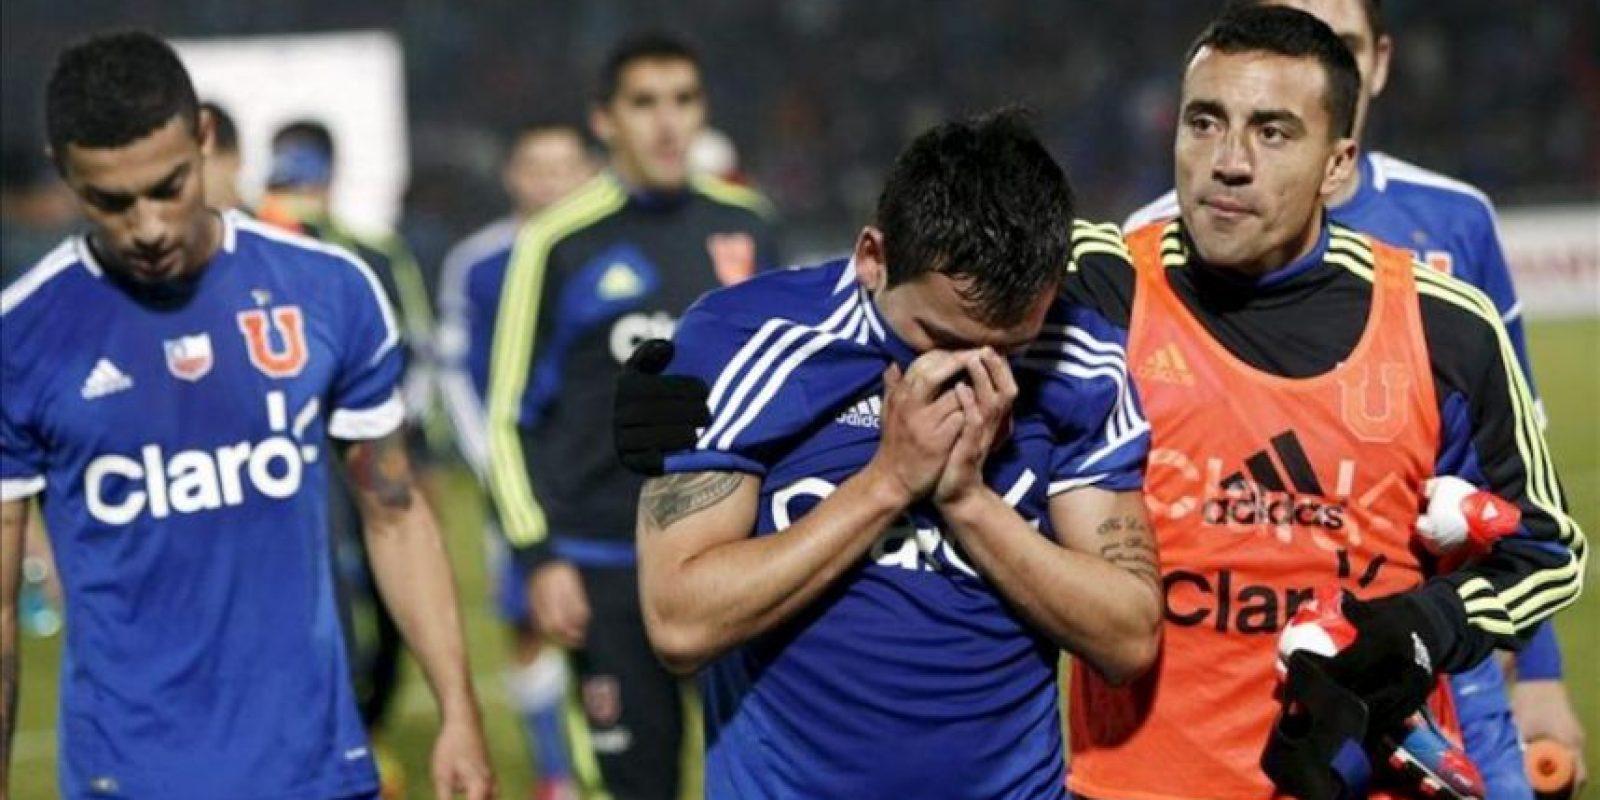 Jugadores de Universidad de Chile se lamentan después de perder ante Boca Juniors la serie por la semifinal de la Copa Libertadores este 21 de junio en el Estadio Nacional en Santiago de Chile. EFE